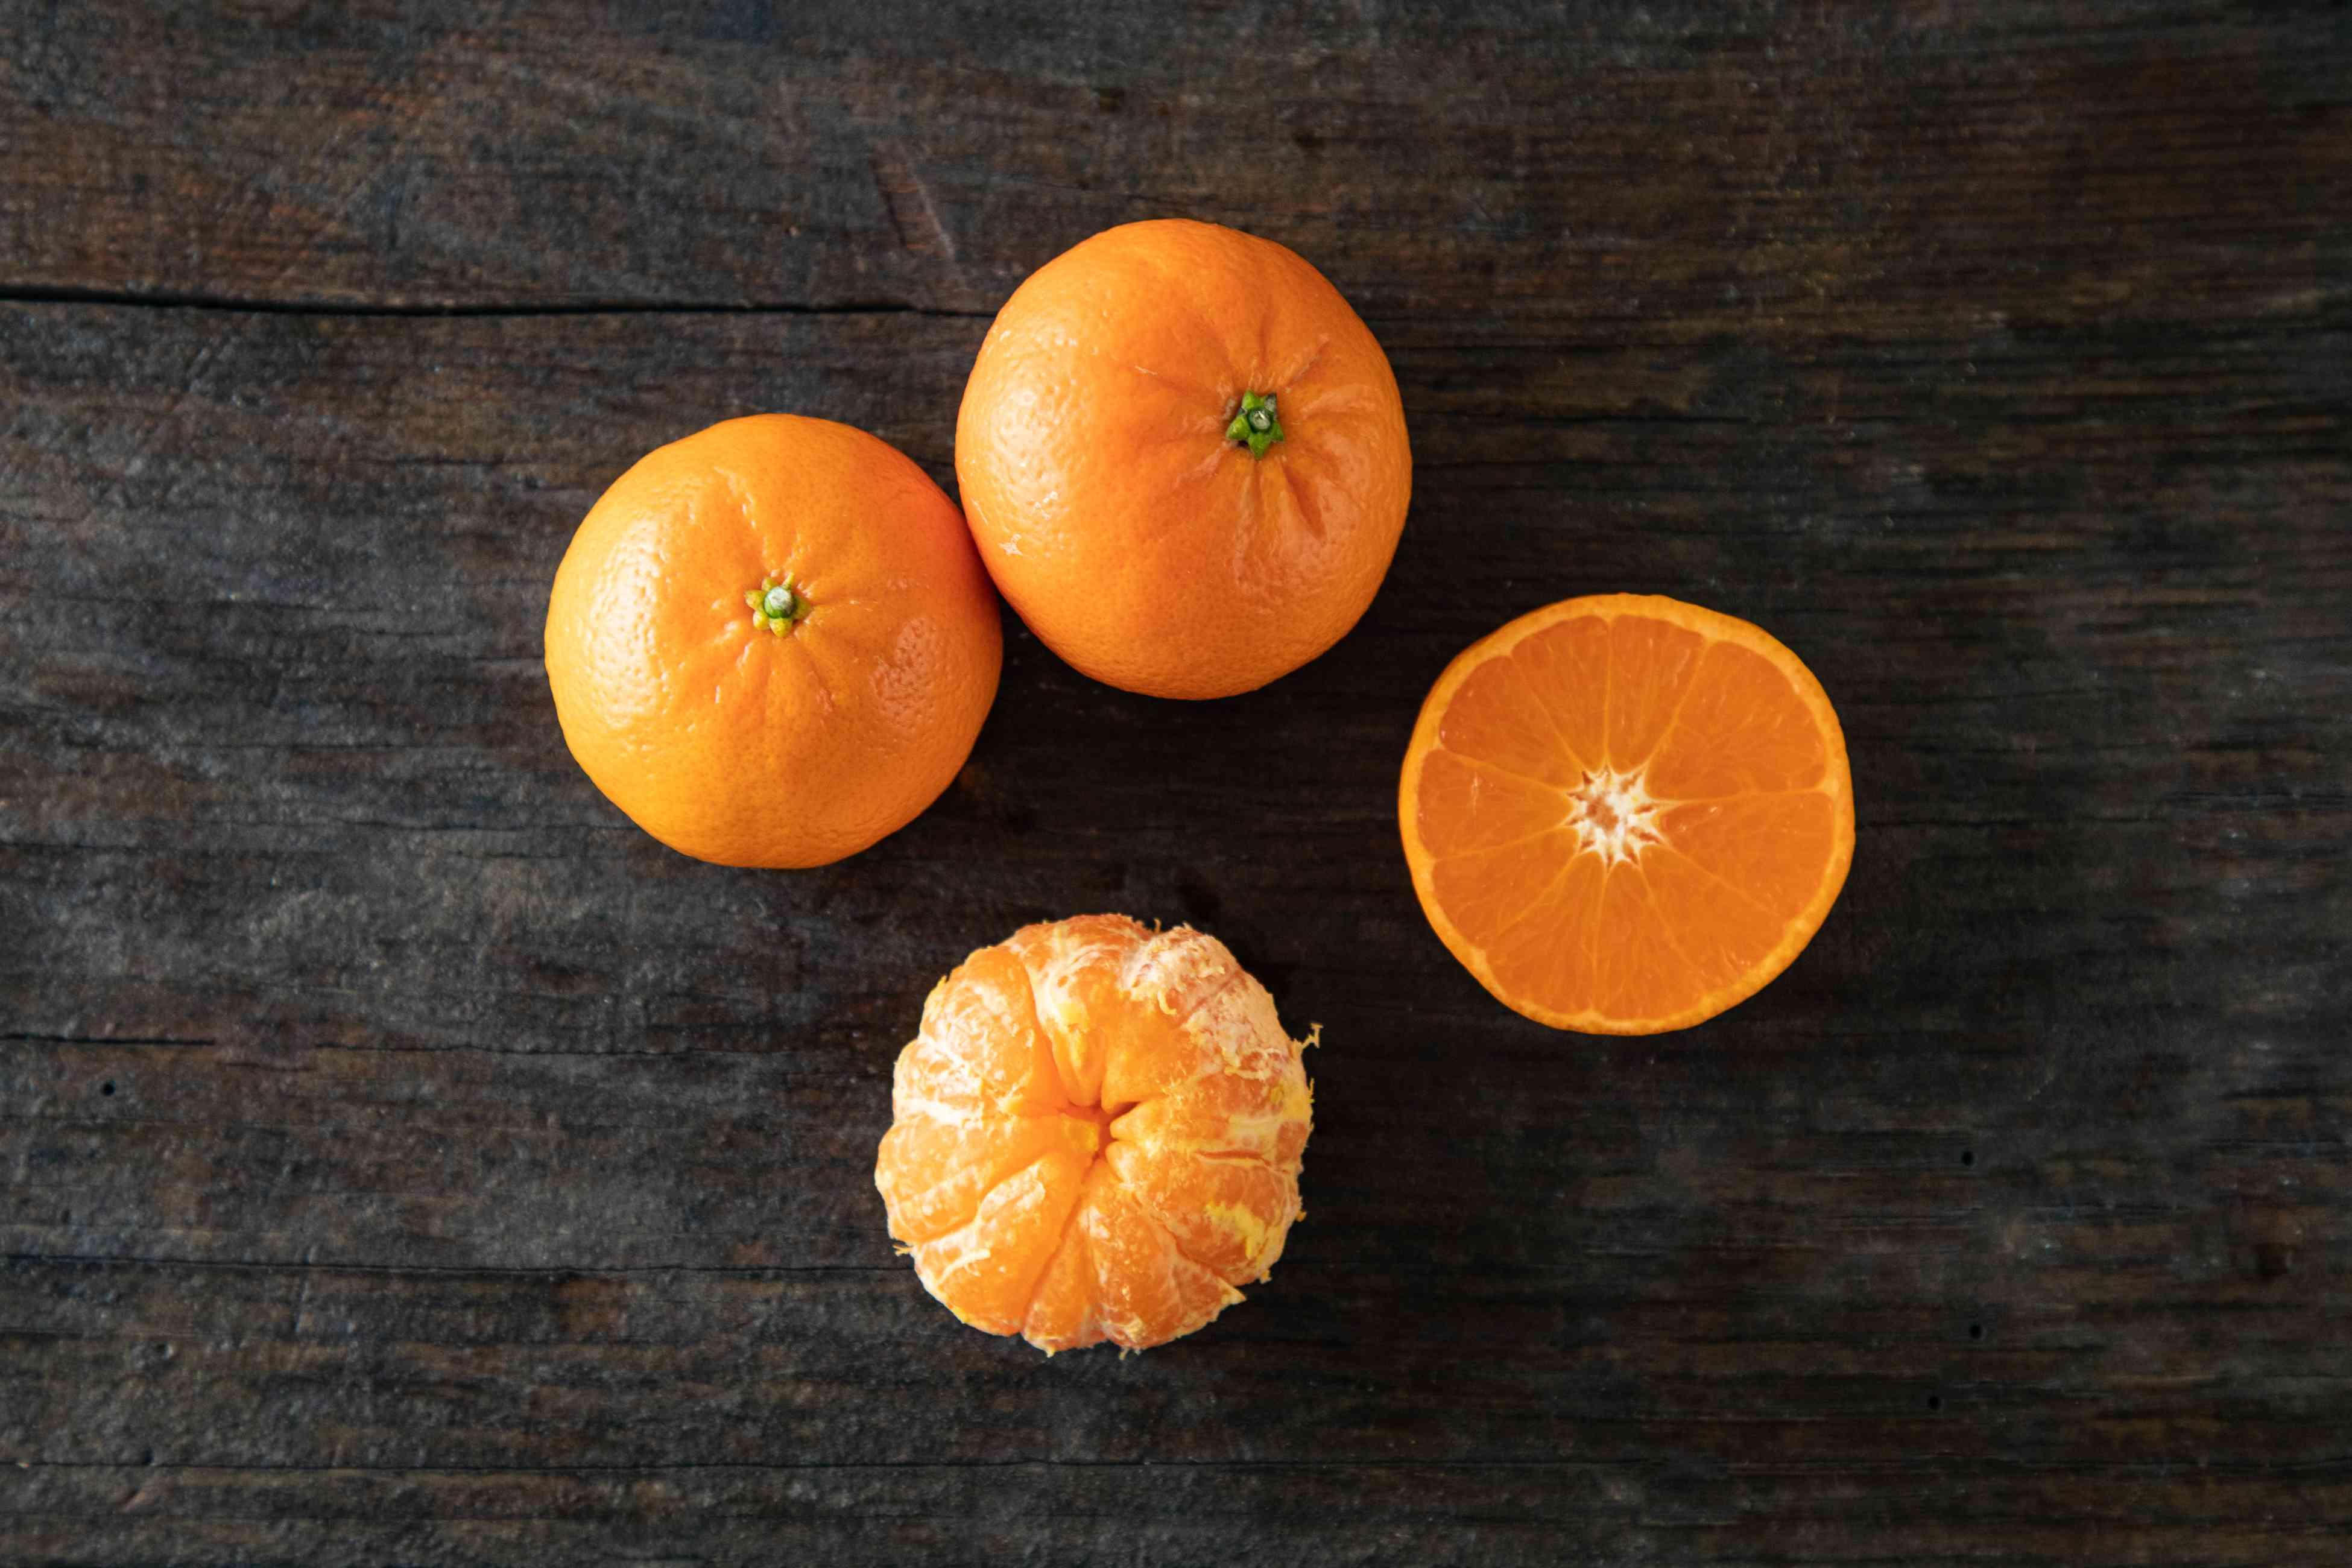 Clementines on dark background